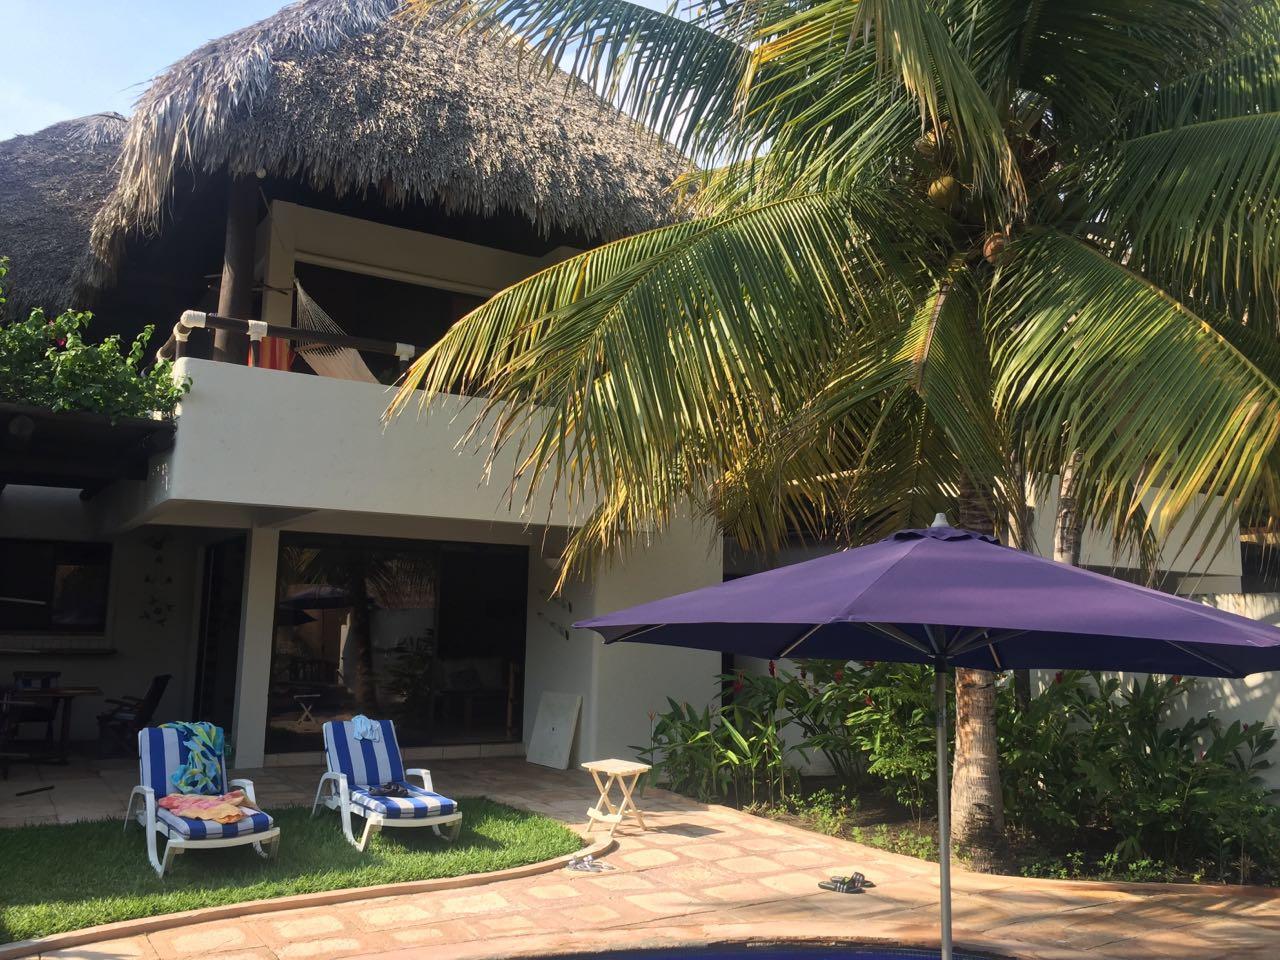 Juan Gaviota vendo casa US$360,000.00